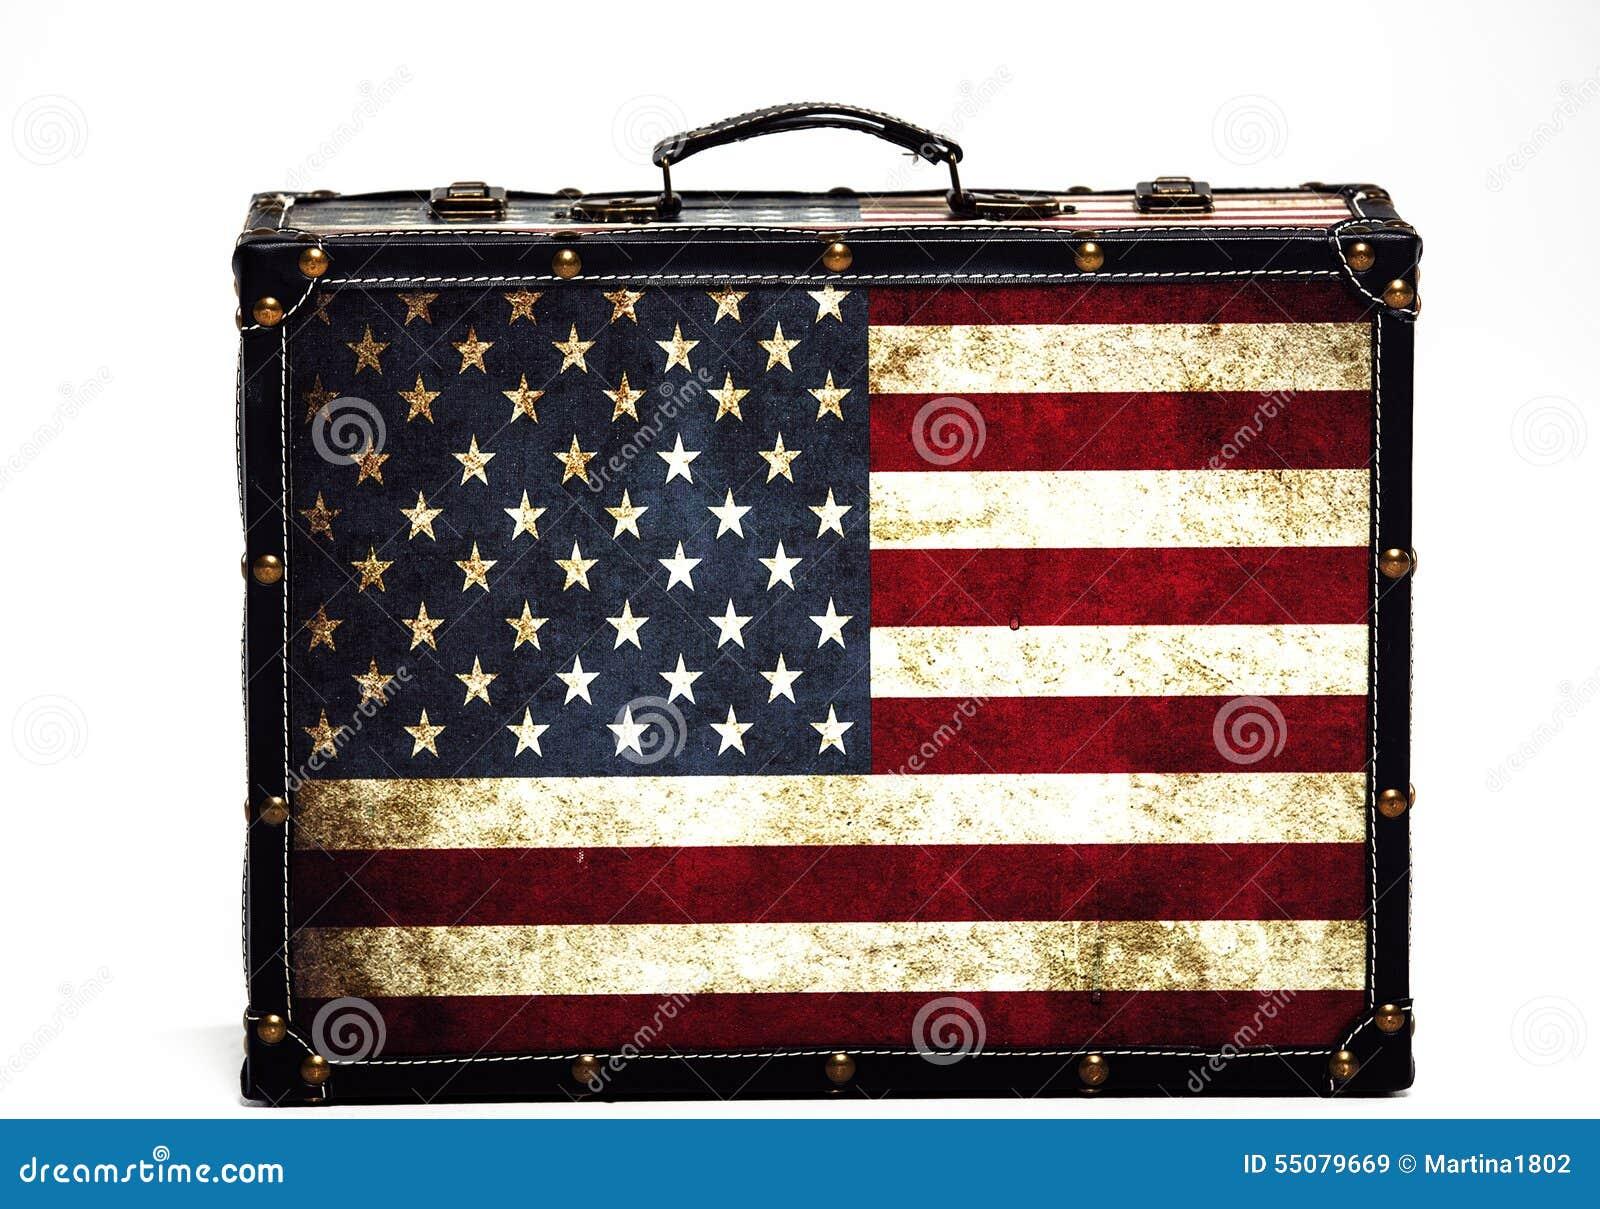 970e188bb9aa7d Bandiera americana stile valigia su un fondo bianco. Più immagini stock  simili